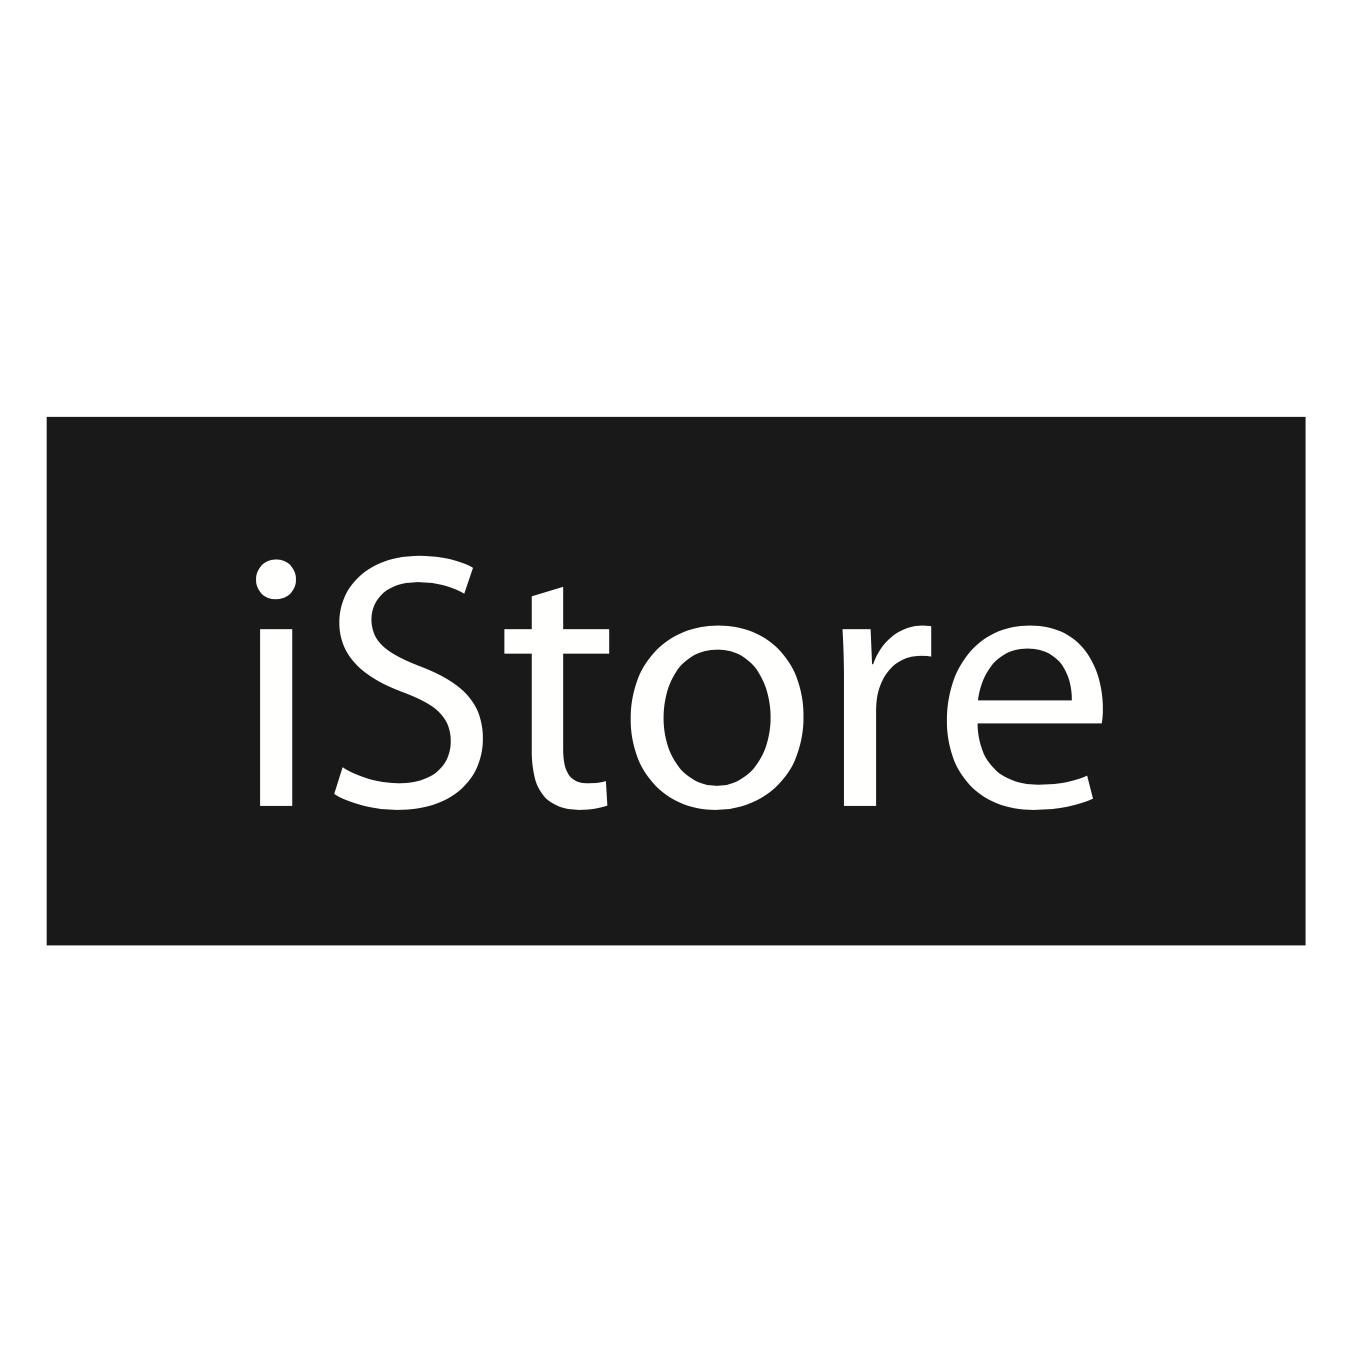 iPhone 8 / 7 Plus Silicone Case - Lemonade